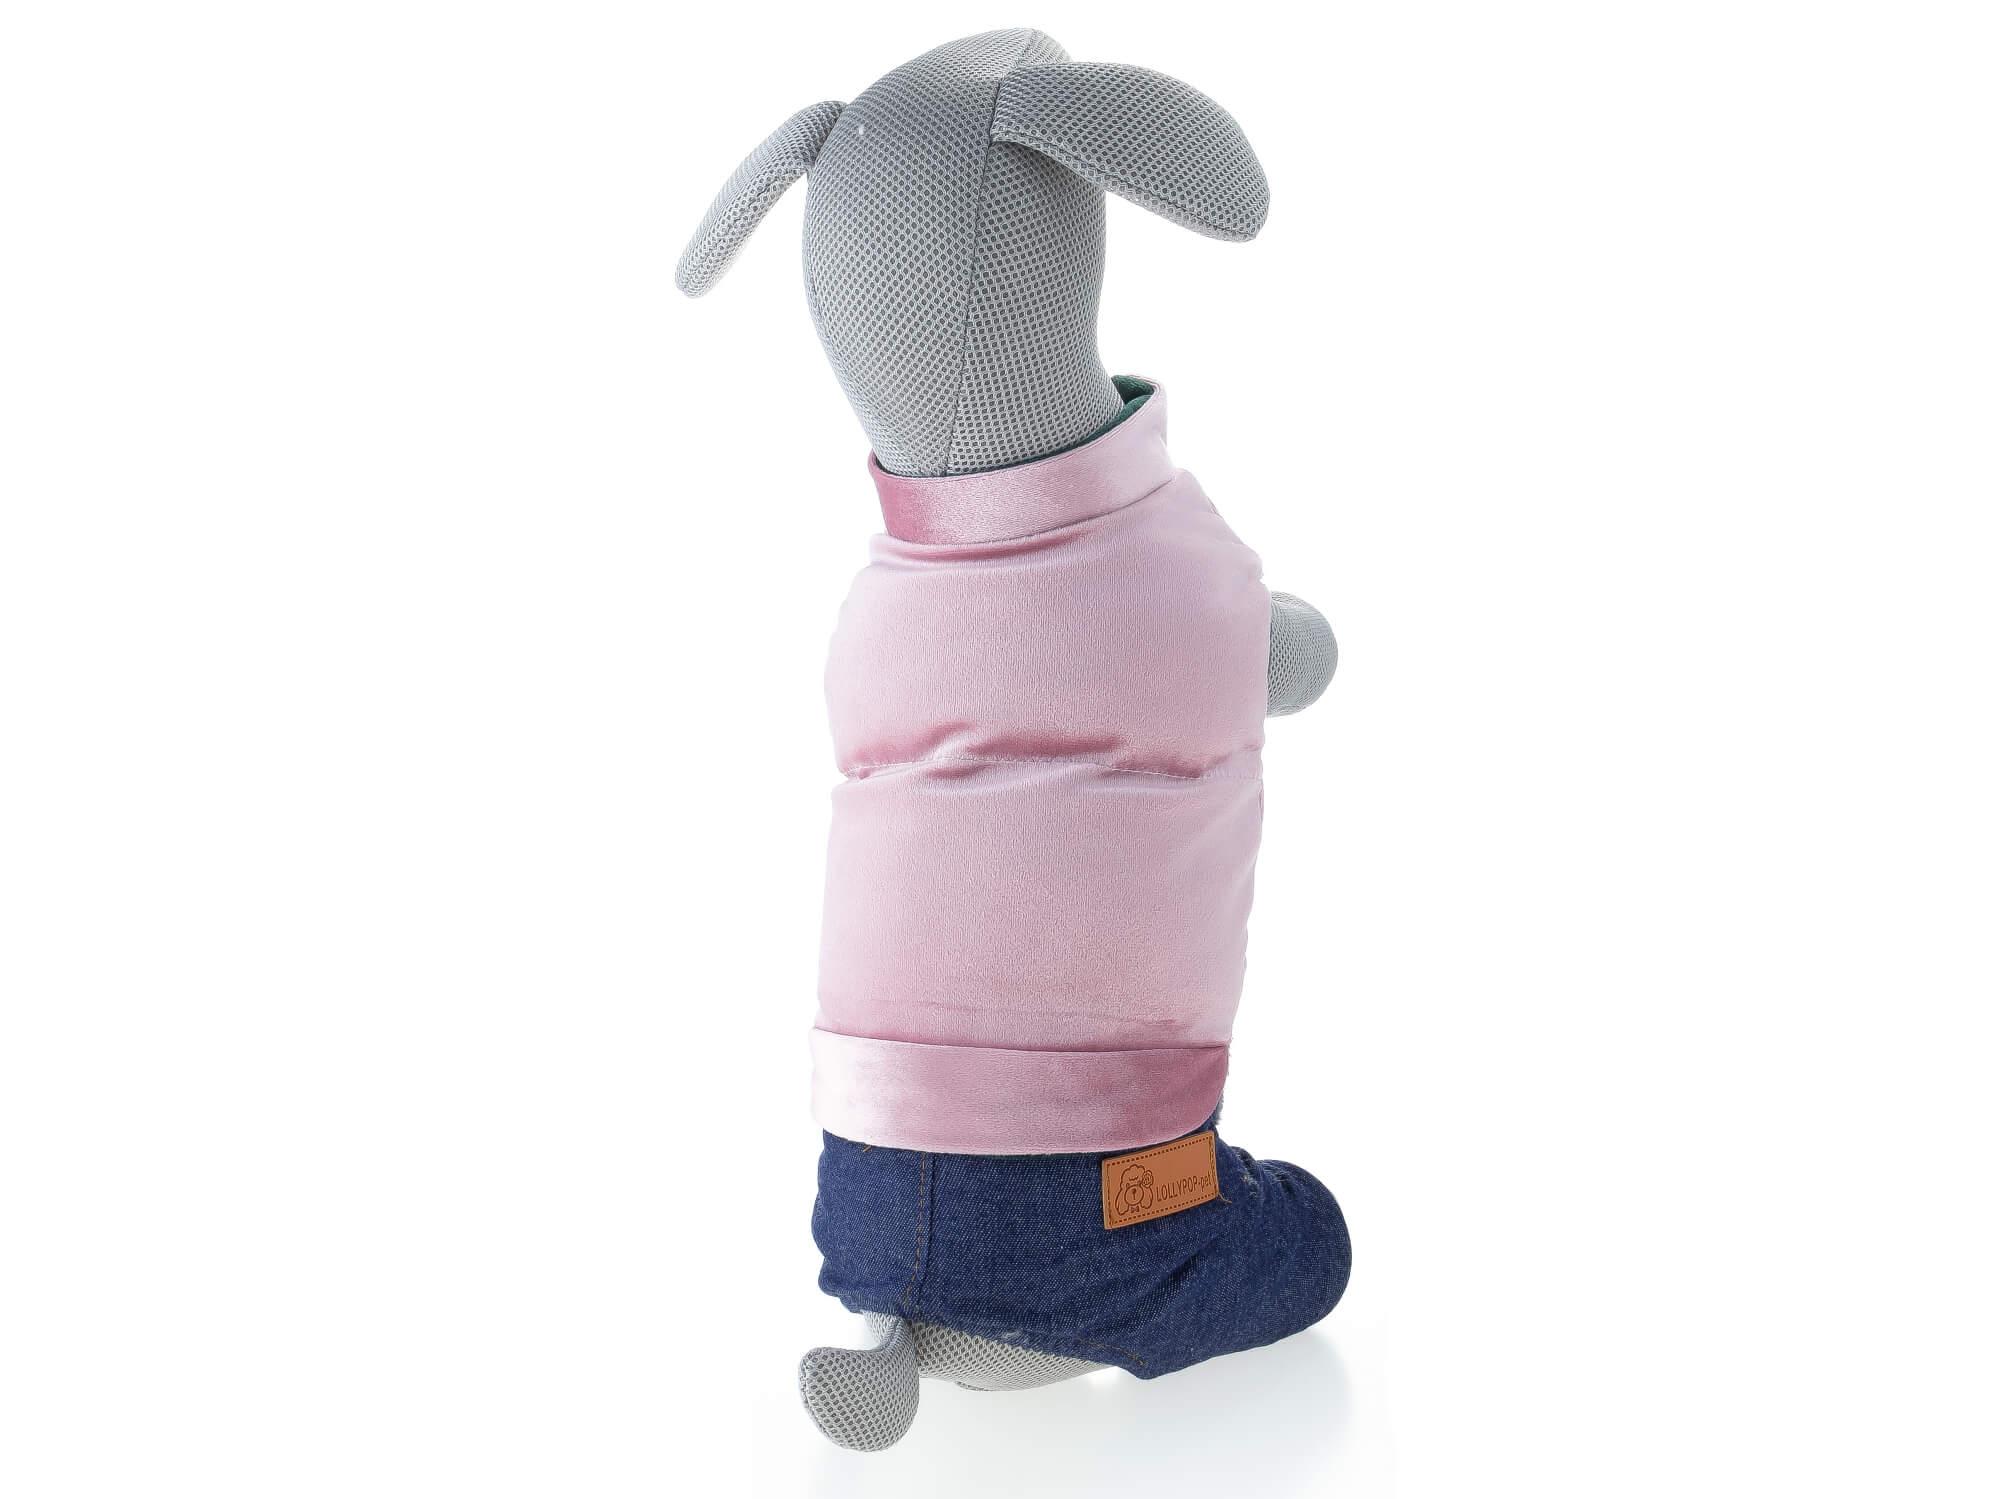 Vsepropejska Simba zimní kombinéza pro psa Barva: Růžová, Délka zad psa: 20 cm, Obvod hrudníku: 28 - 32 cm